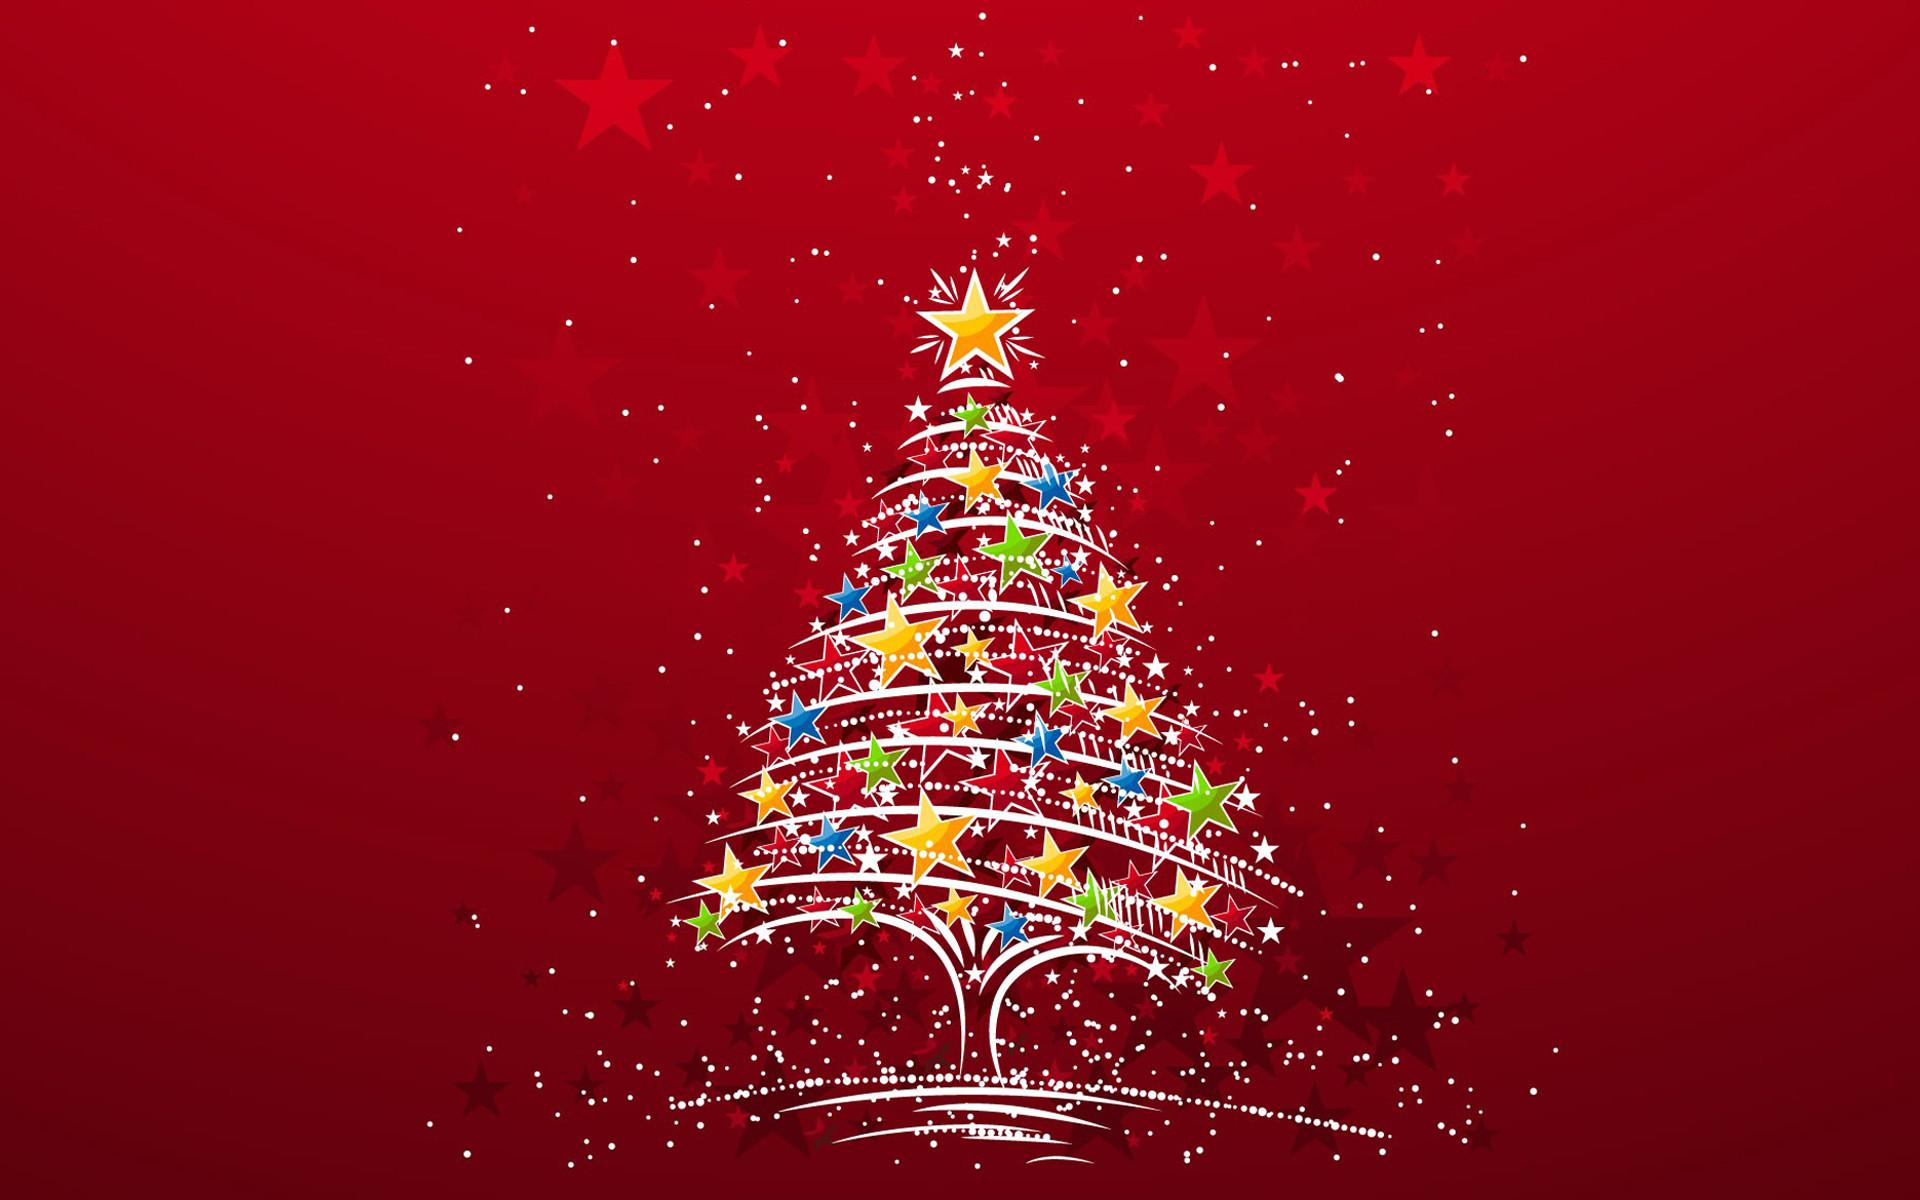 Free Christmas Nativity Desktop Backgrounds